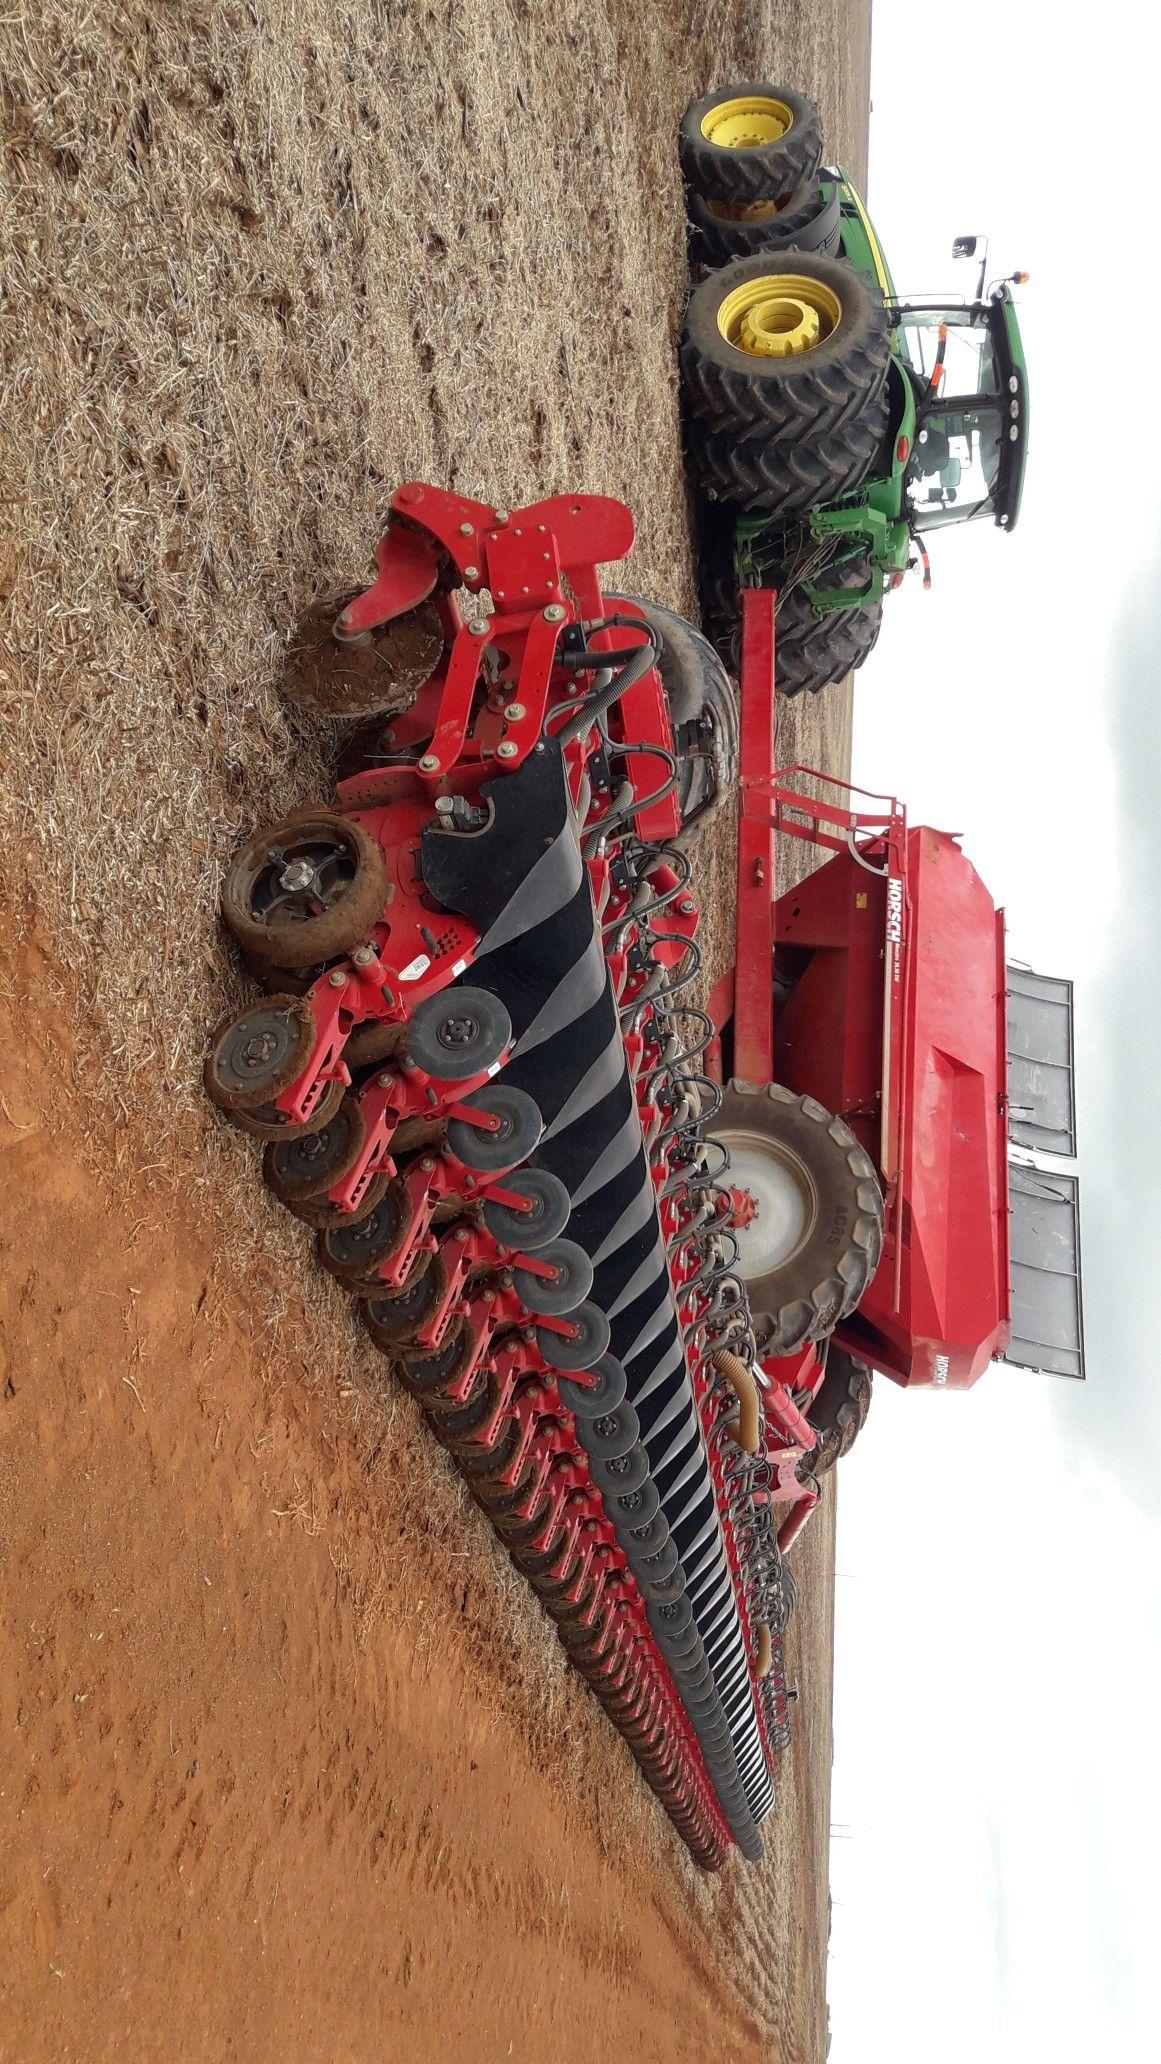 Pin on máquinas agrícolas